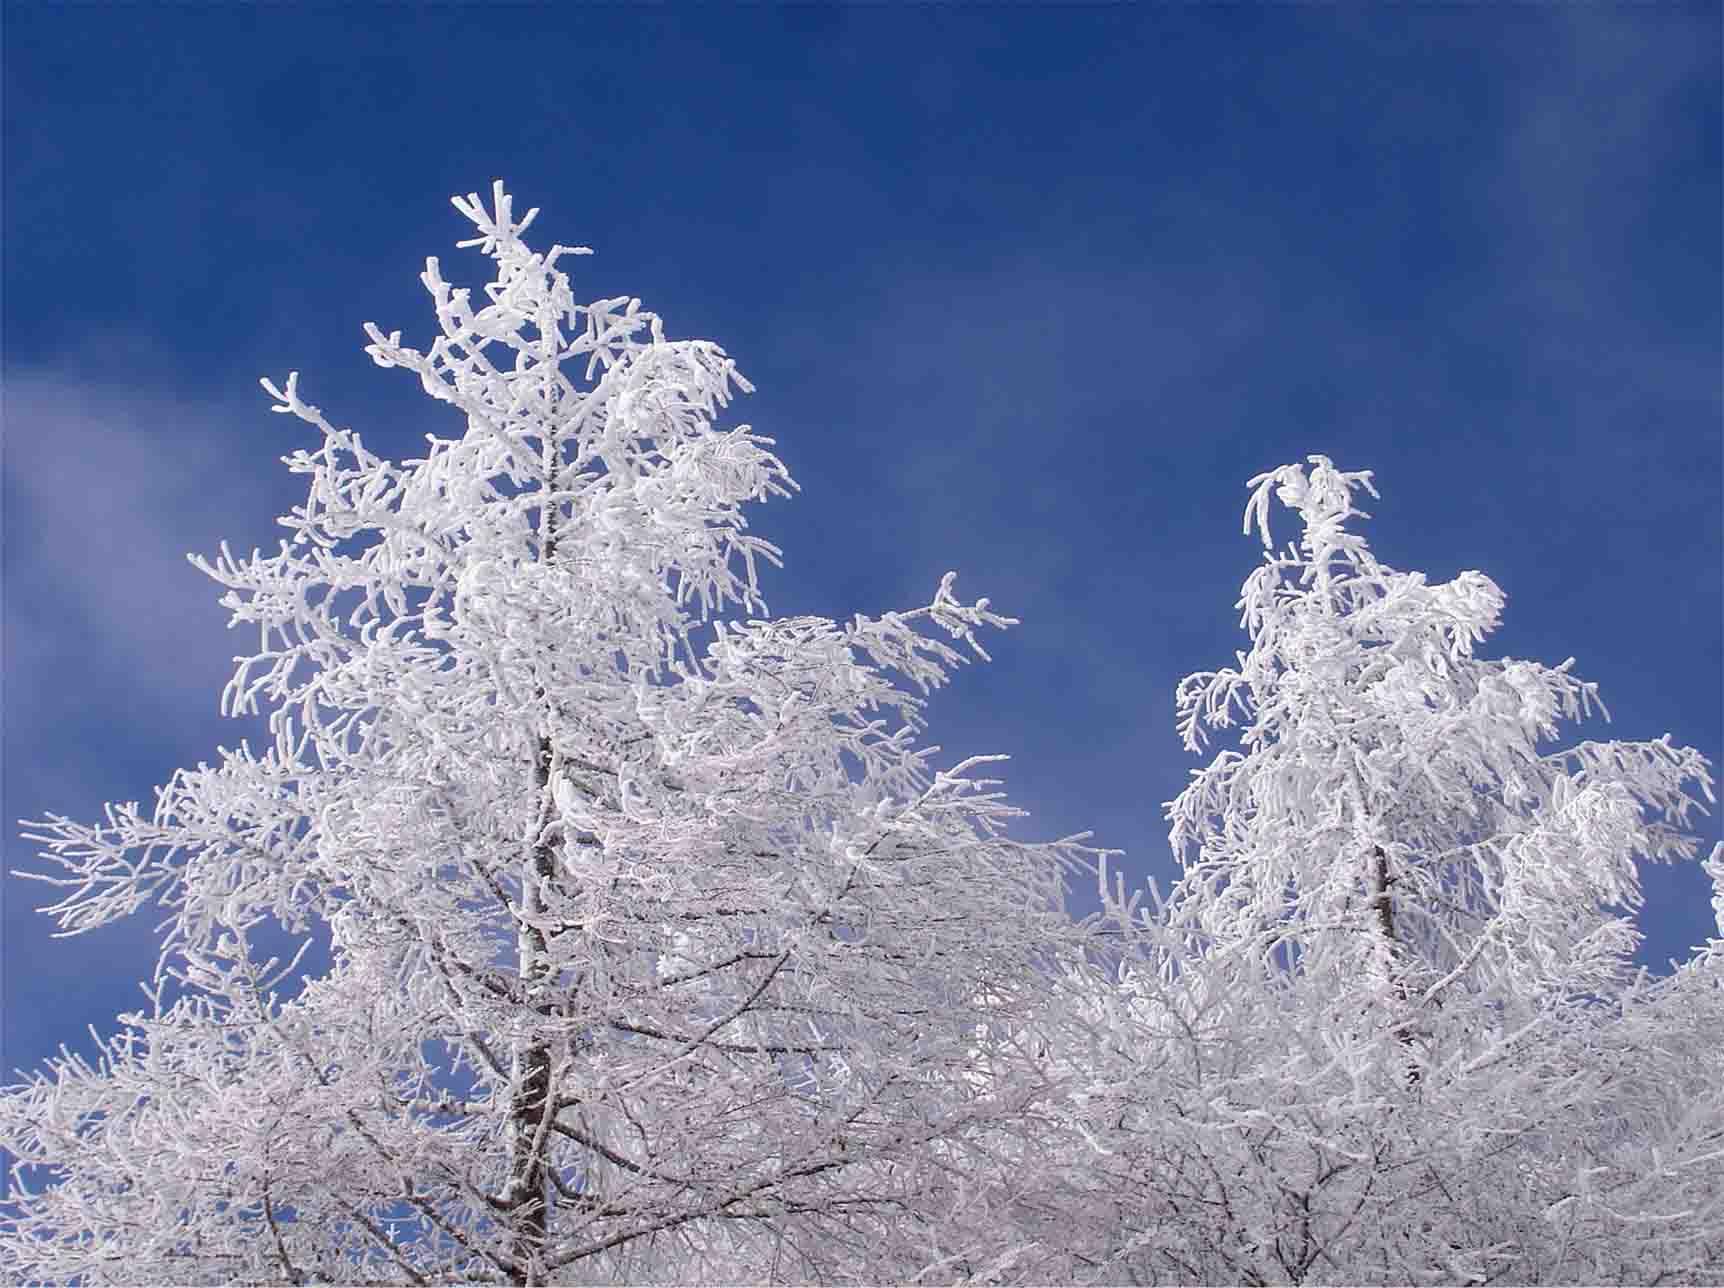 青空に浮かぶホワイトツリー